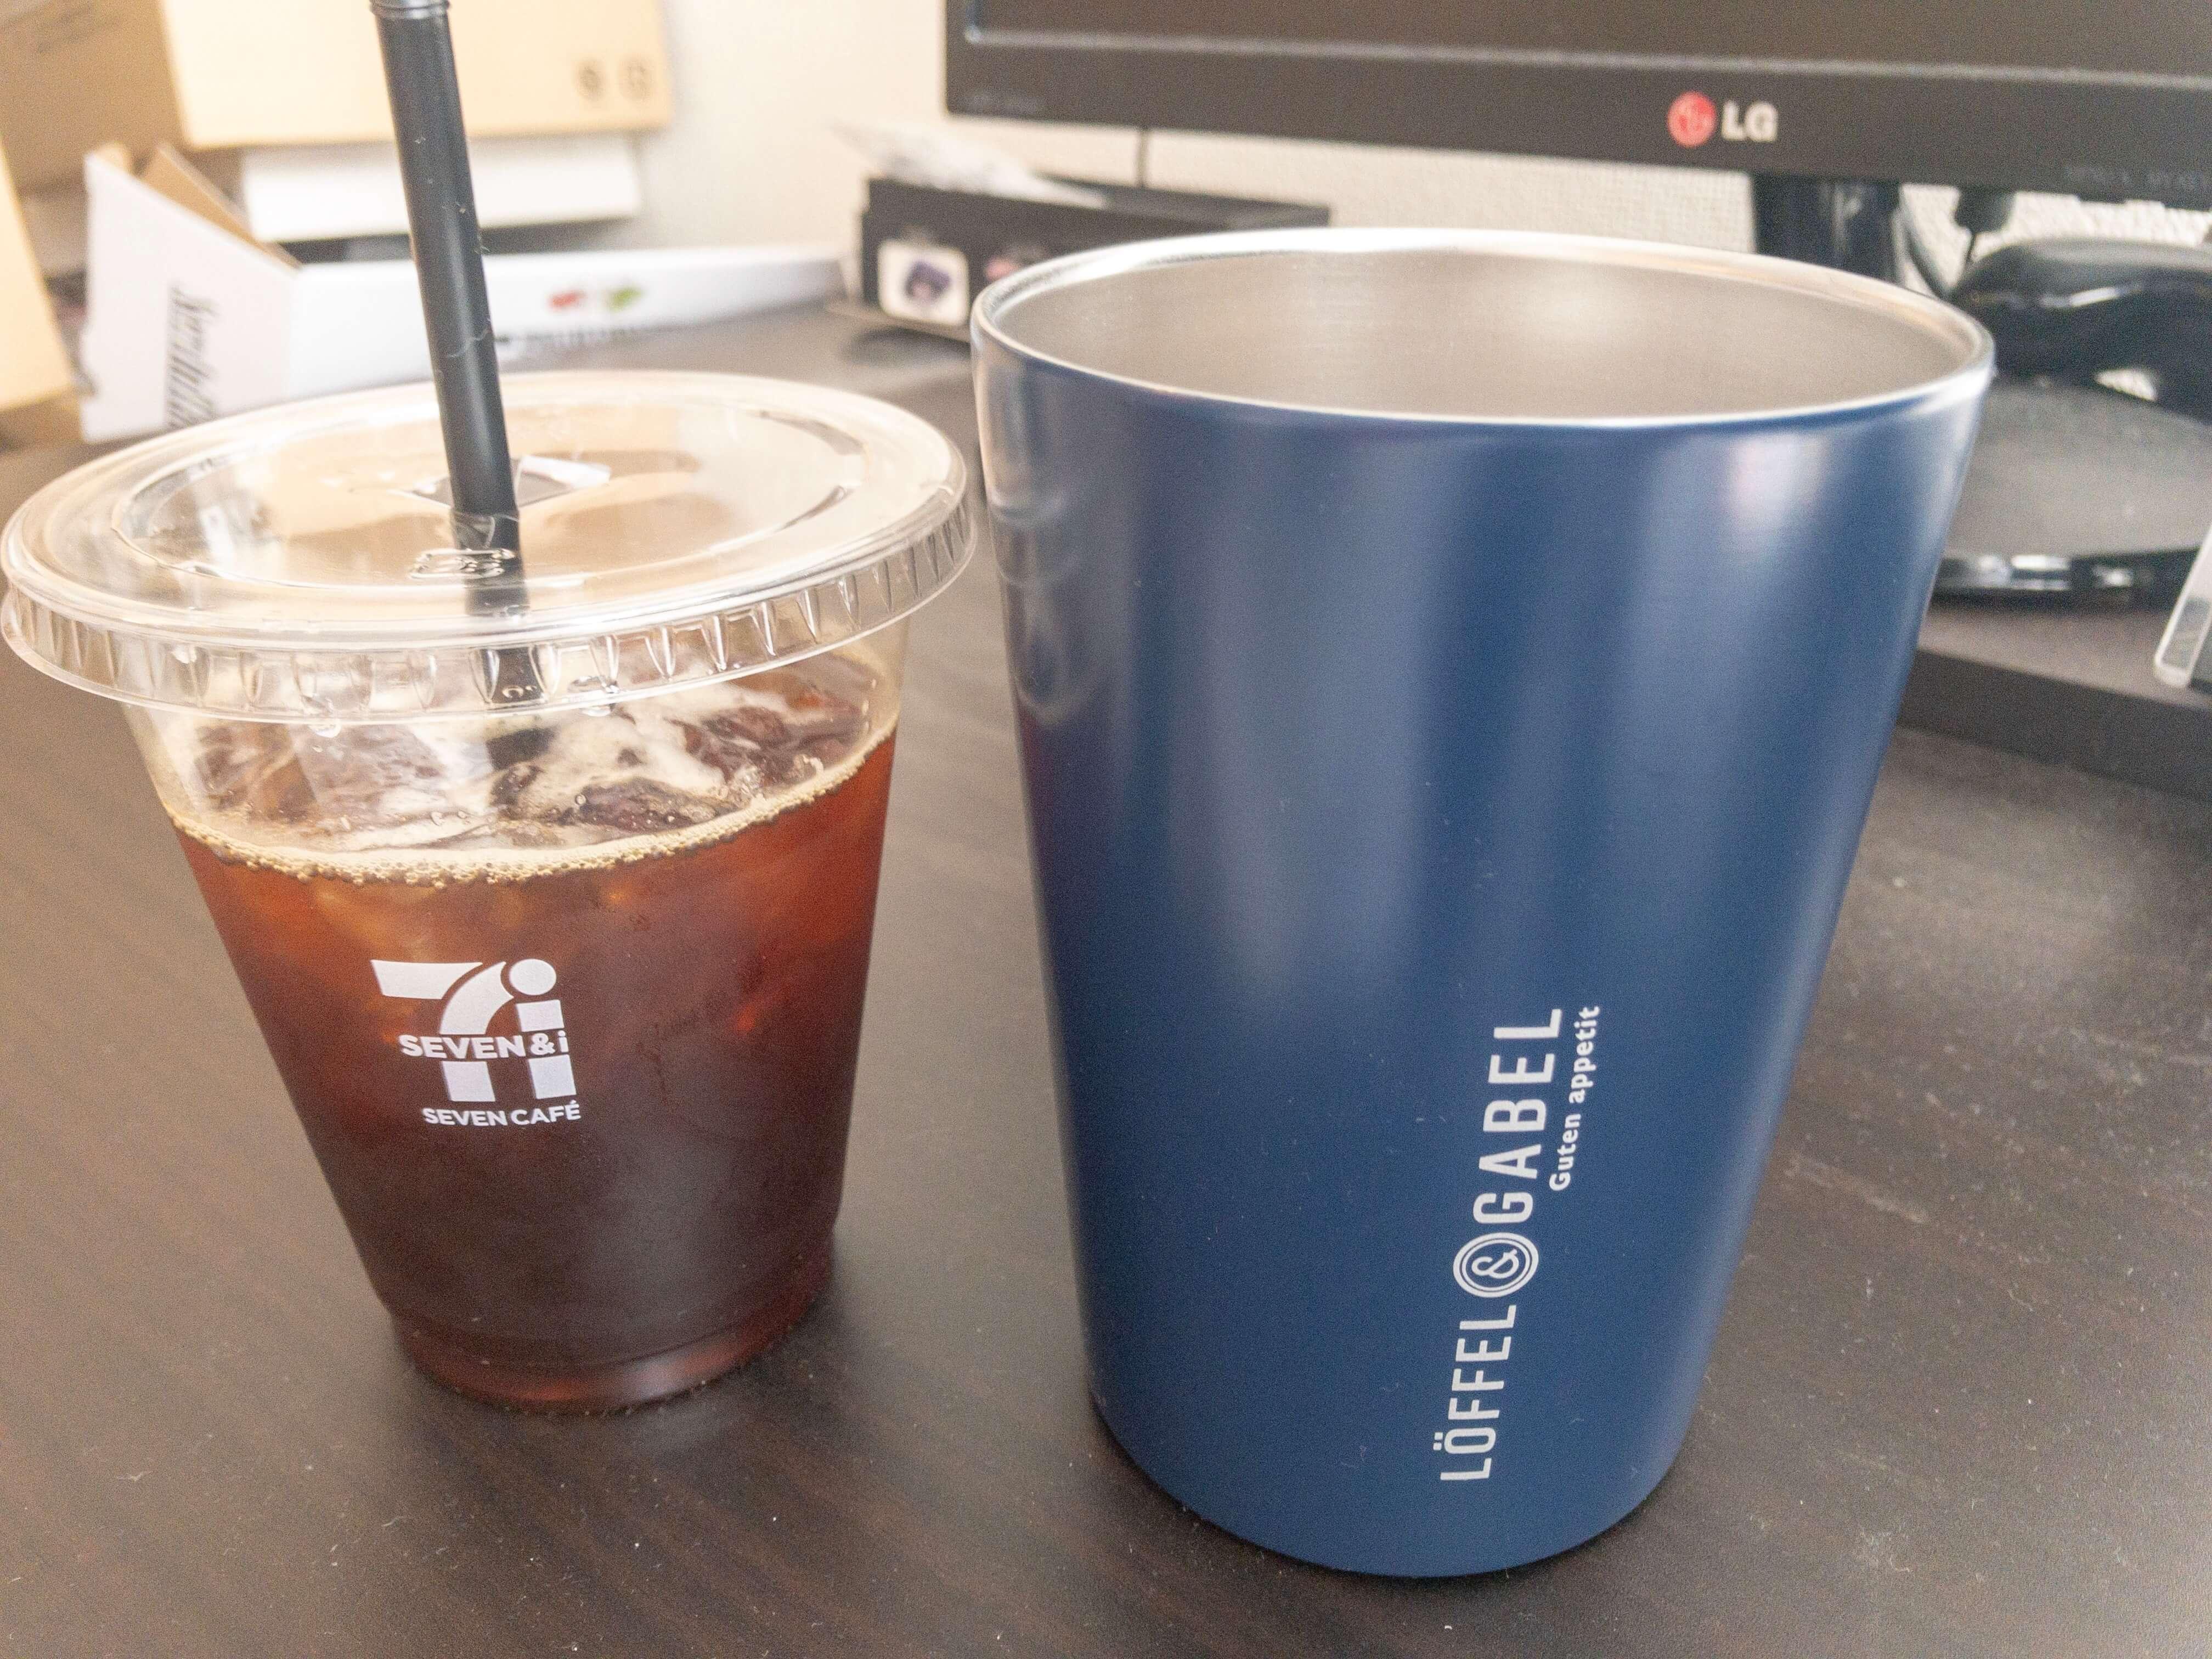 ドライブのお供のコーヒーに! グーテンの保冷保温ドリンクホルダー